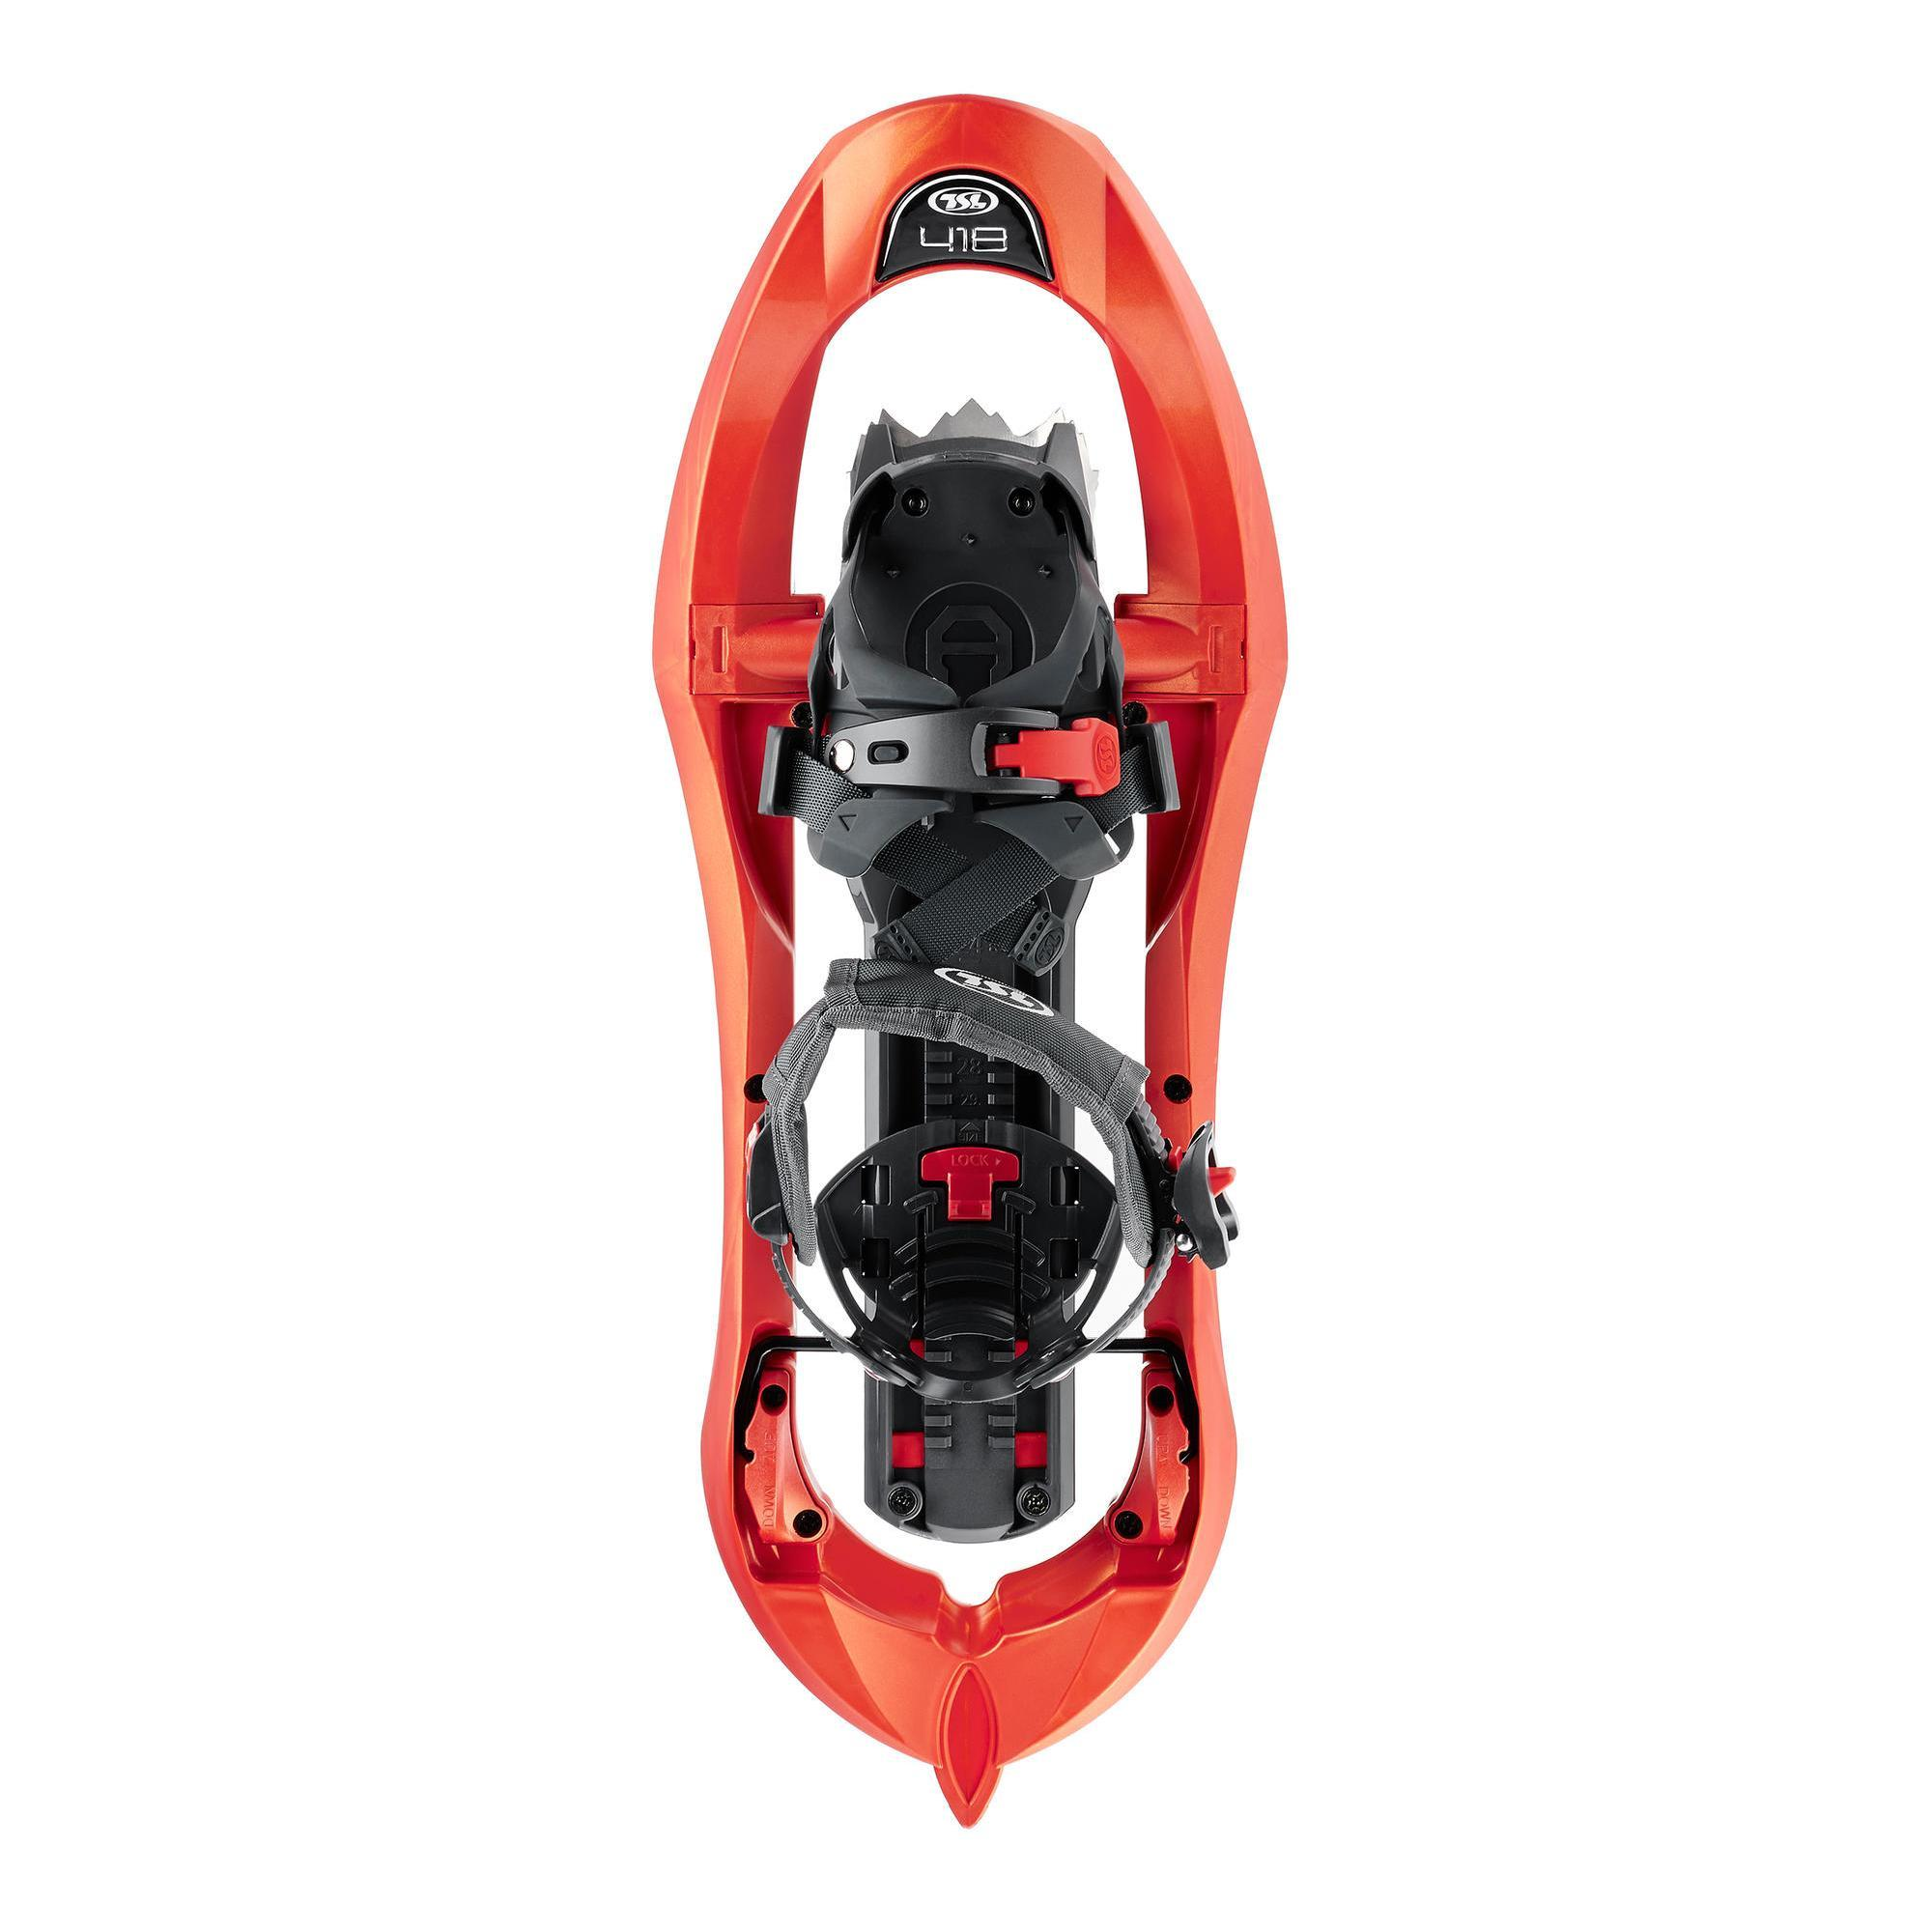 Schneeschuhe TSL 418 Up & Down Grip kleiner Rahmen orange | Schuhe > Sportschuhe > Schneeschuhe | Tsl